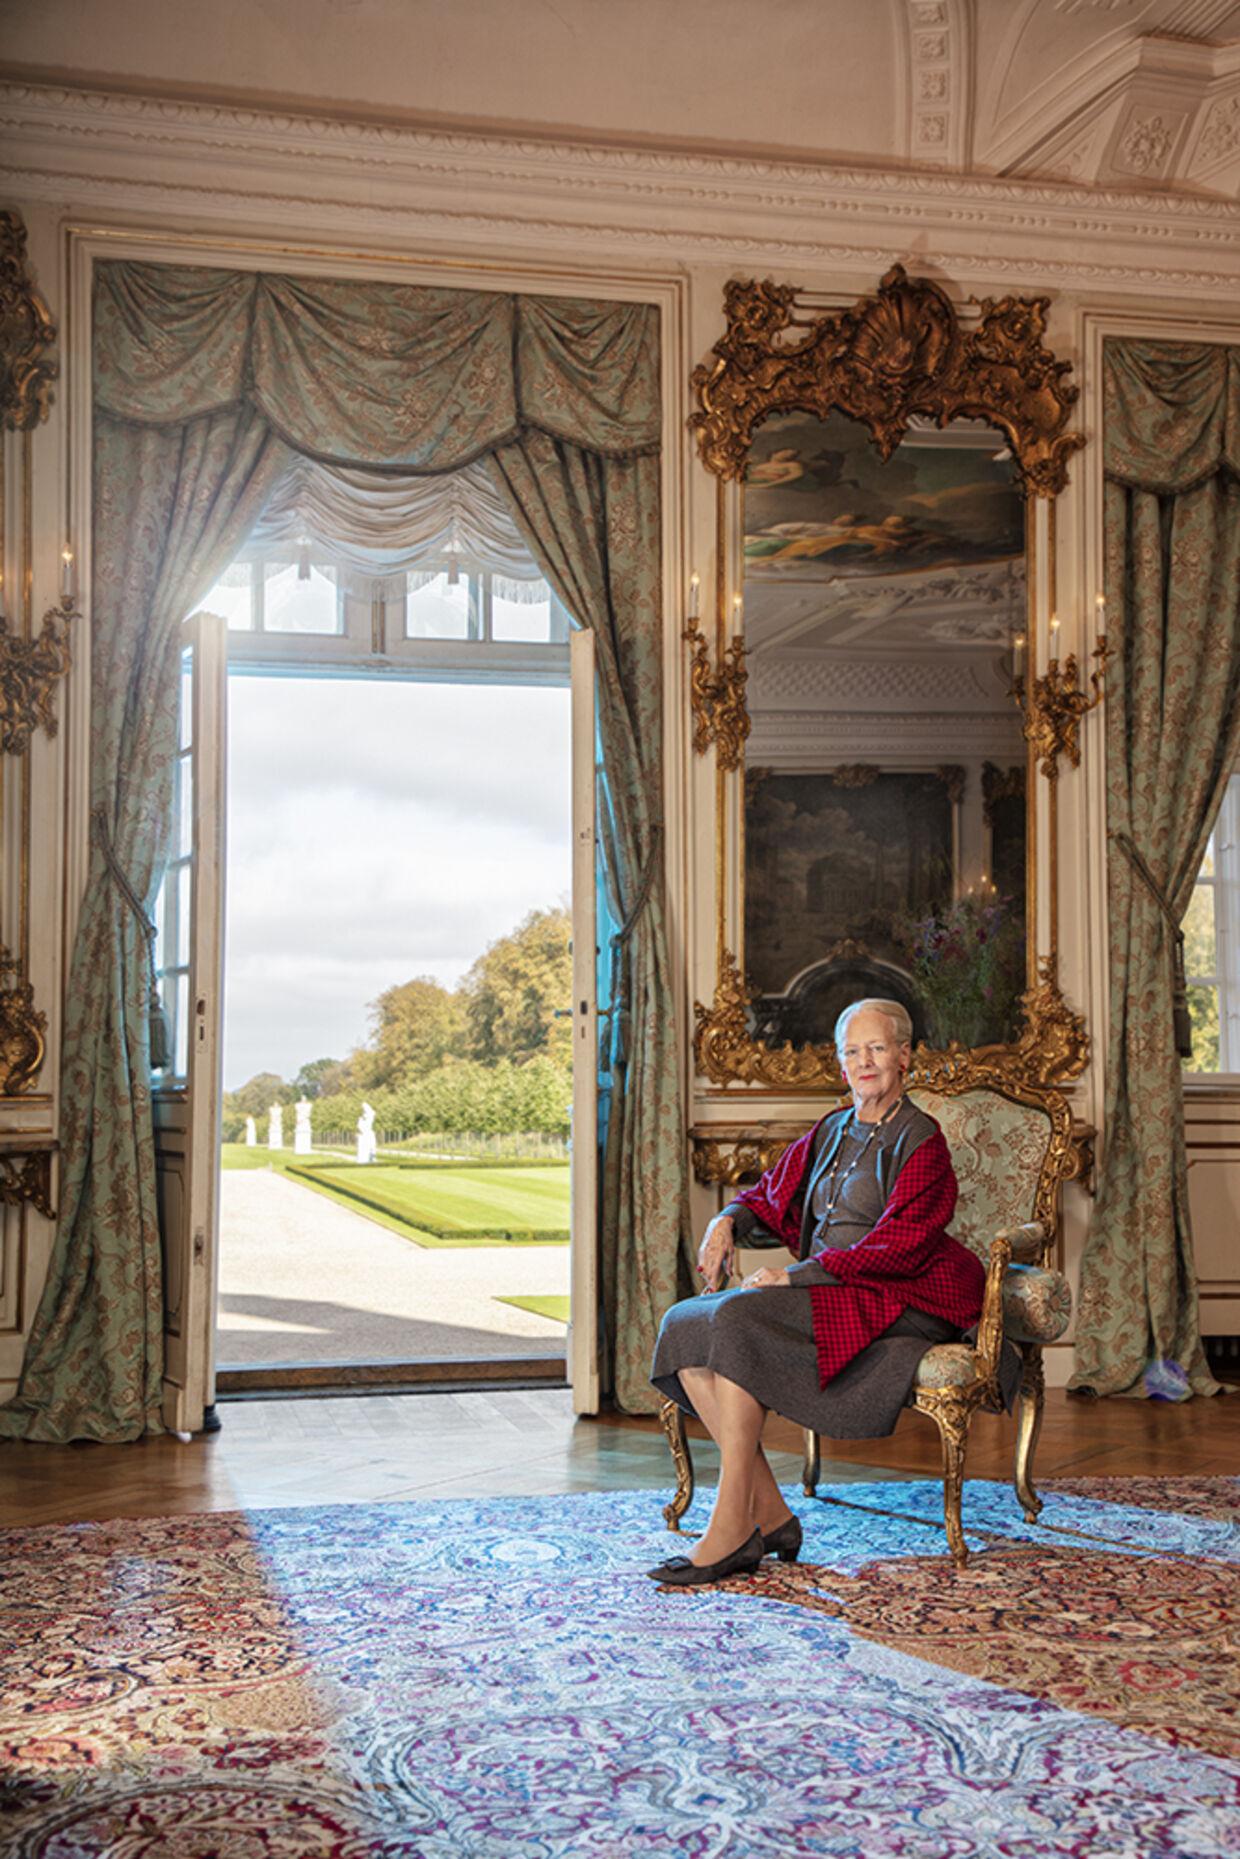 Dronning Margrethe i Havesalen på Fredensborg.